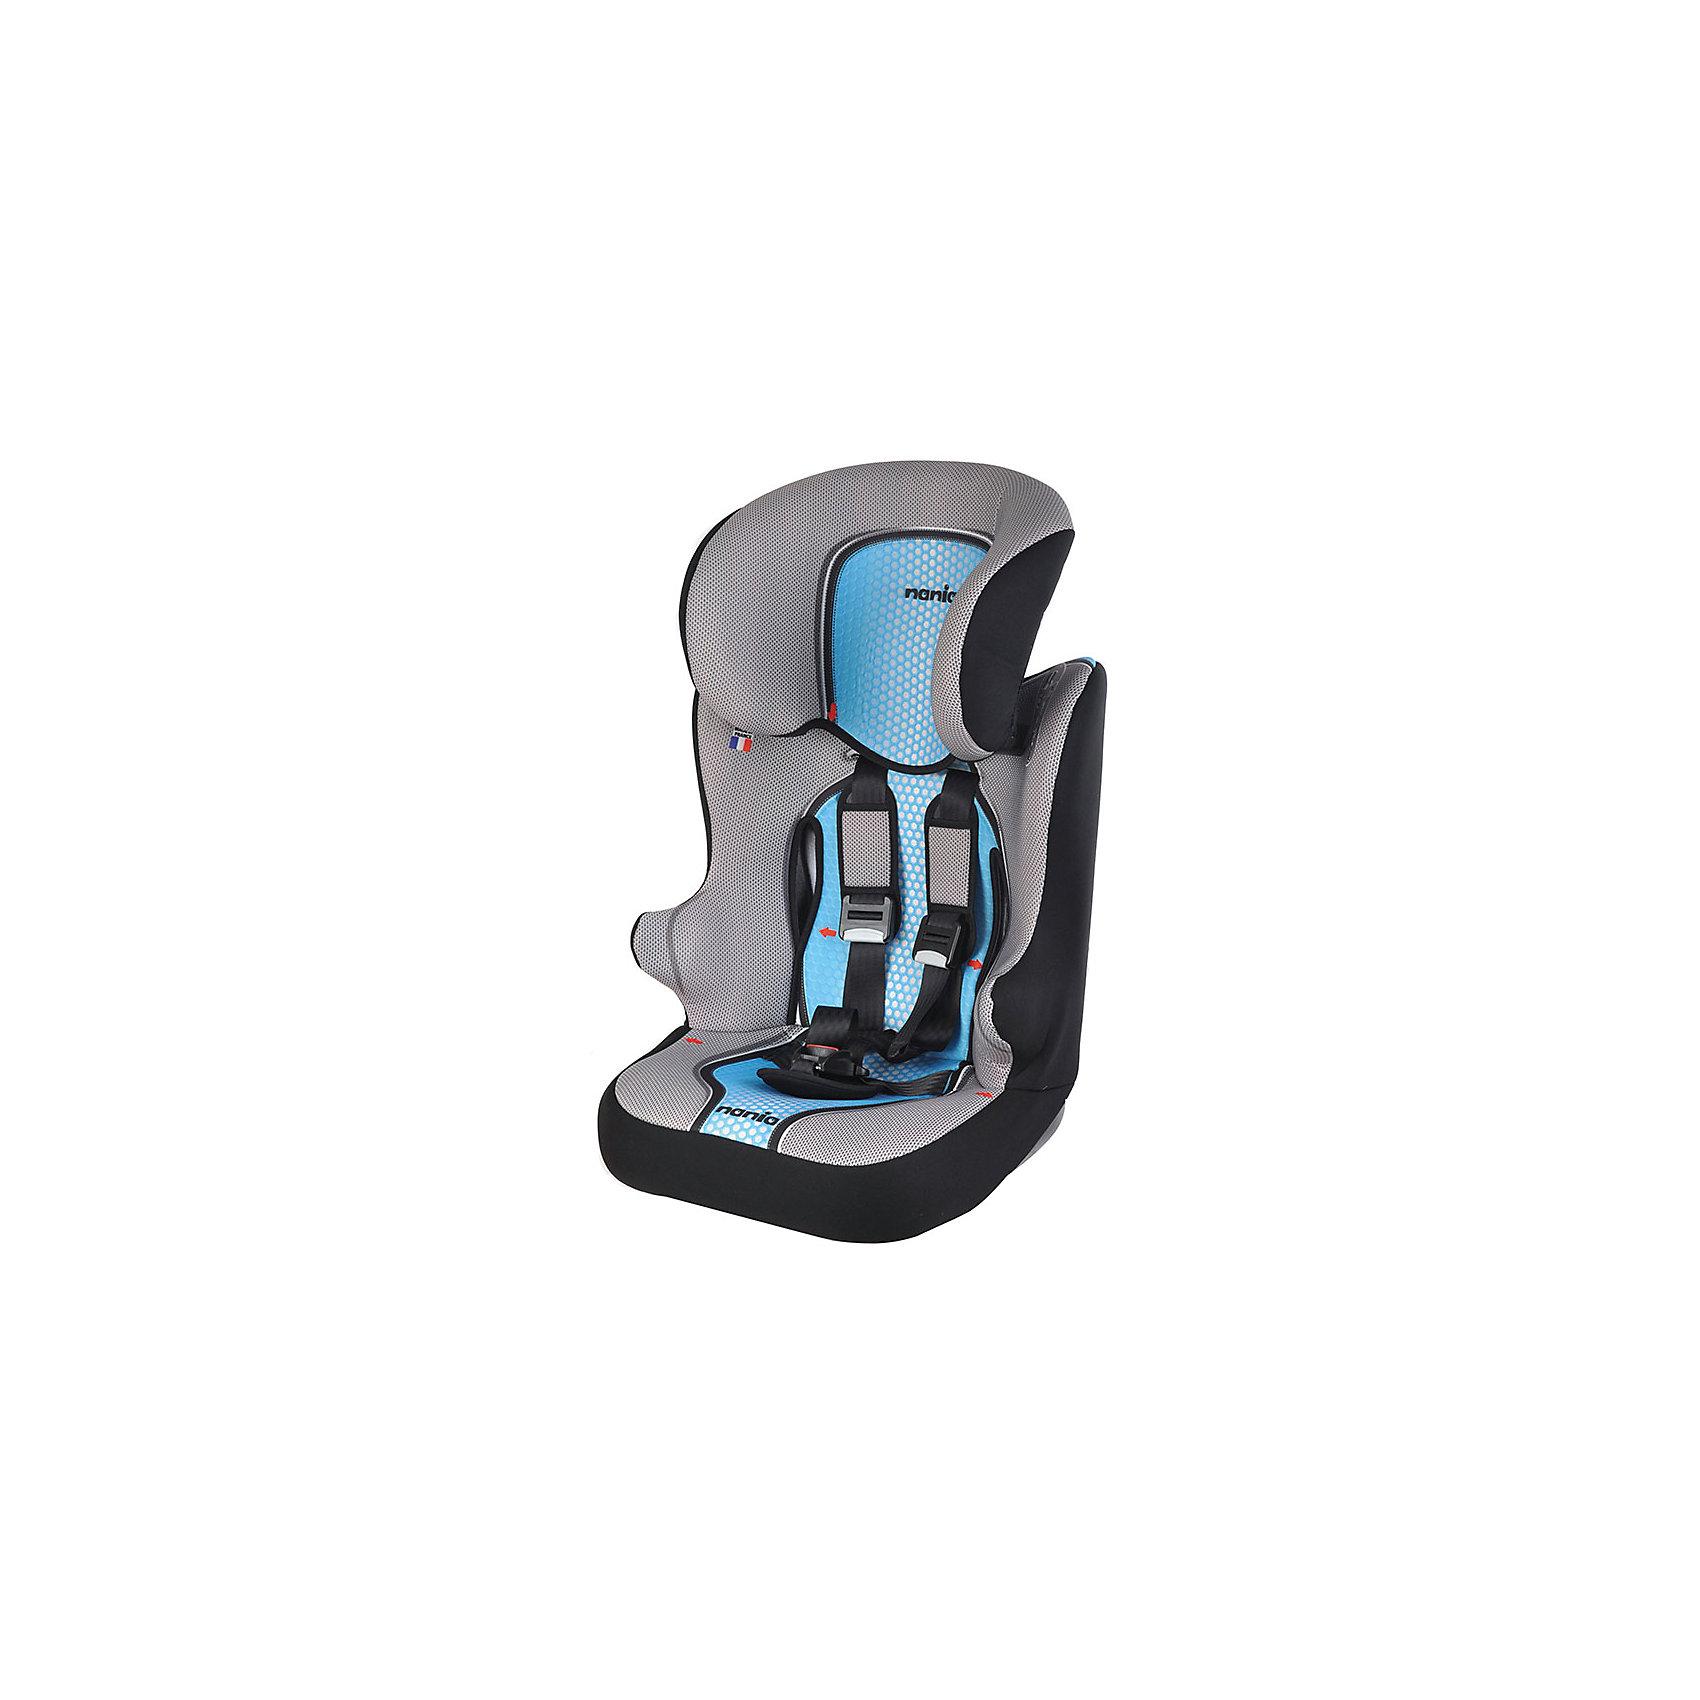 Автокресло Nania RAСER SP 9-36 кг, POP, синийГруппа 1-2-3 (От 9 до 36 кг)<br>Автокресло было разработано учитывая самые жесткие требования безопасности, а также учитывая ортопедические требования: мягкая приятная на ощупь обивка и анатомическая форма. <br>Удобный, широкий подголовник, спинка и подлокотники обеспечат дополнительный комфорт и безопасность ребенка даже в случае бокового столкновения. Высоту подголовника можно регулировать, а все тканевые части легко снимаются и стираются.<br>В таком кресле Ваш ребенок будет чувствовать себя комфортно даже в  поездках на далекие растояния!<br><br>Характеристики:<br>- Максимально допустимый вес ребенка 36 кг.<br>- Пятиточечные ремни безопасности.<br>- Мягкий подголовник регулируется по высоте.<br>- Материал корпуса – ударопрочный пластик.<br>- Чехол можно снять и постирать.<br>- Способ крепления в автомобиле – штатными ремнями безопасности<br>фиксирующий зажим ремня безопасности.<br>- Улучшенная боковая защита (Side Protection).<br>- Анатомическая подушка.<br>- Спинка и сиденье цельное, в бустер не превращается.<br>- Соответствует европейскому стандарту ЕСЕ R44/03.<br><br>Дополнительная информация:<br><br>- Возраст: от 1 до 10 лет.<br>- Материал: пластик, текстиль.<br>- Цвет: синий.<br>- Размер упаковки: 45х50х70 см.<br>- Вес в упаковке: 4900 г.<br><br>Купить автокресла RAСER SP 9-36 кг, POP, в черном цвете, можно в нашем магазине.<br><br>Ширина мм: 450<br>Глубина мм: 500<br>Высота мм: 700<br>Вес г: 4900<br>Возраст от месяцев: 12<br>Возраст до месяцев: 144<br>Пол: Мужской<br>Возраст: Детский<br>SKU: 4828324